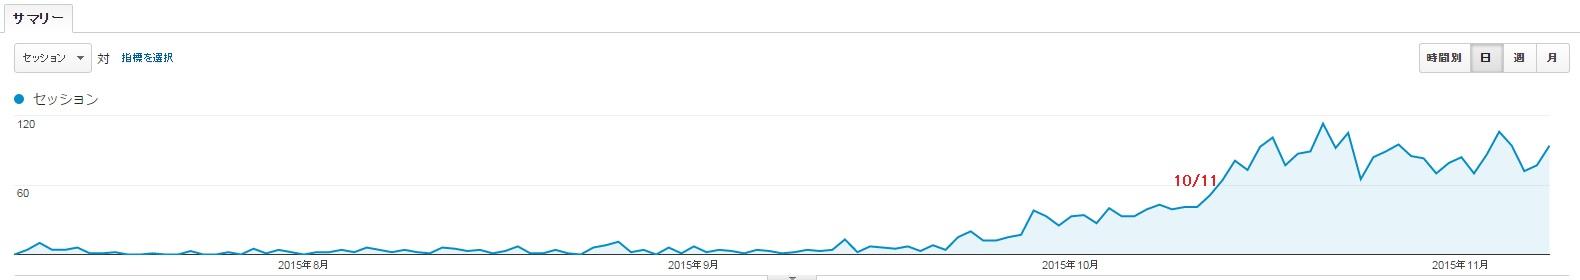 新規ドメイン取得から4ヶ月が経過した当サイトのアクセス数